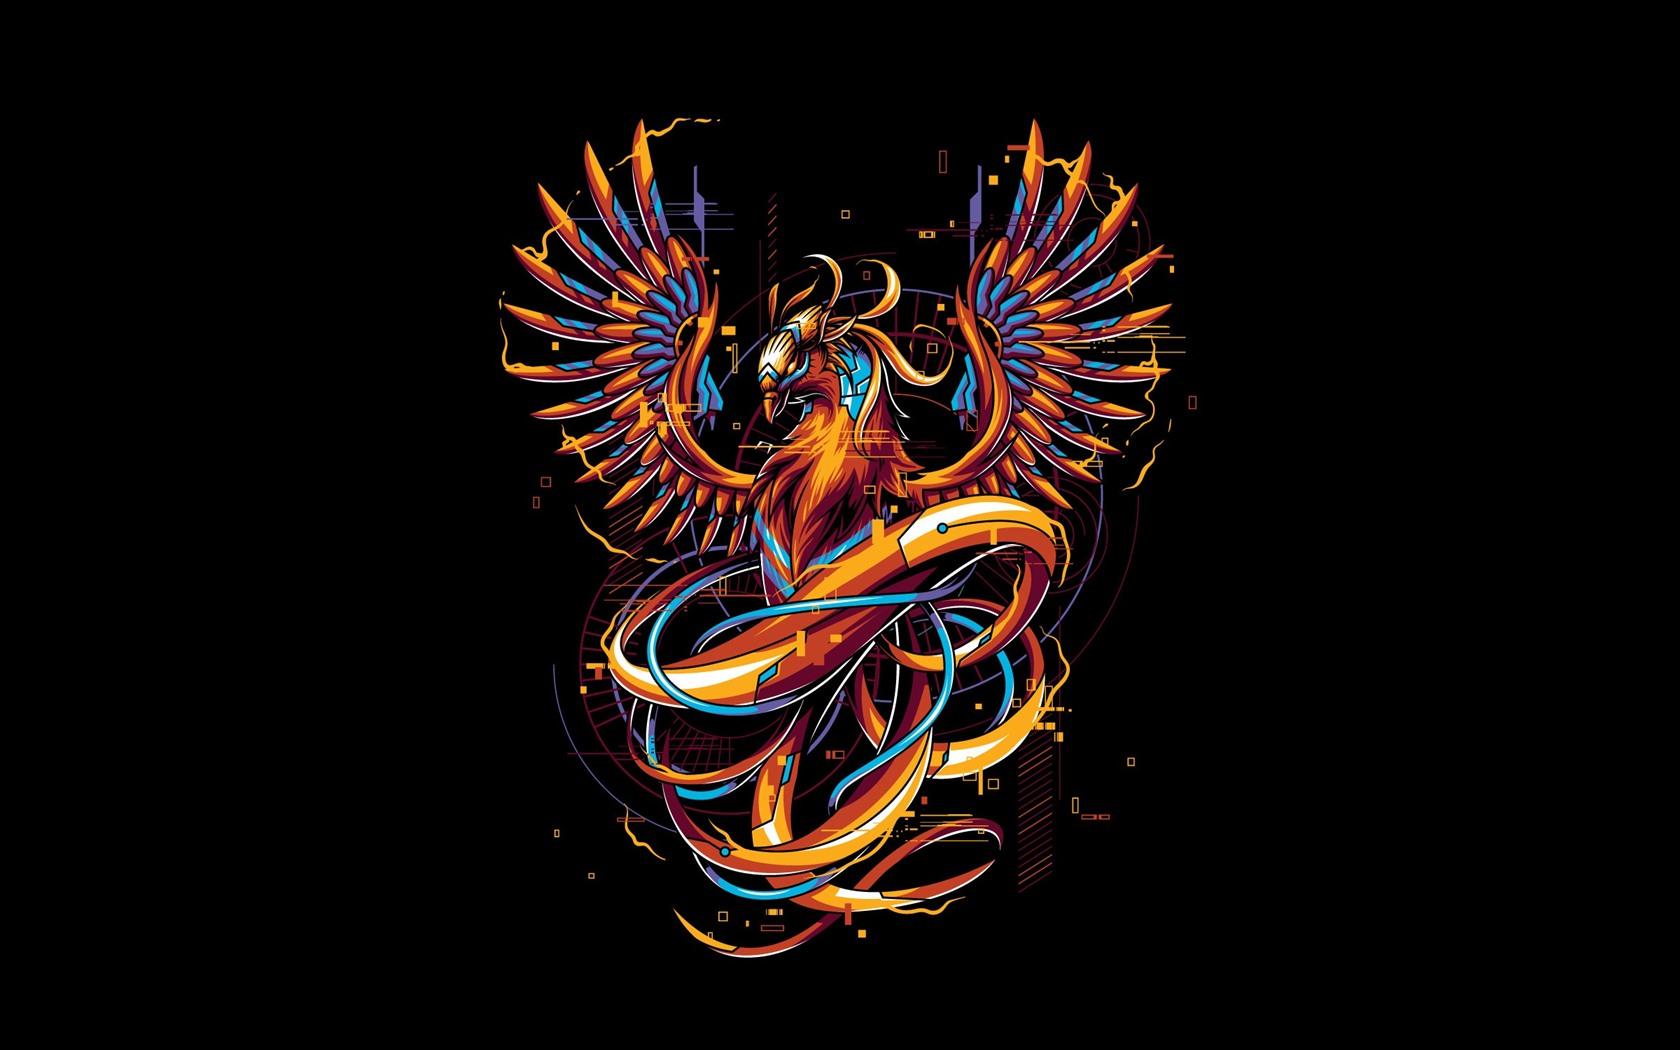 Fonds D Ecran Phoenix Photo D Art Design Creatif 2560x1440 Qhd Image